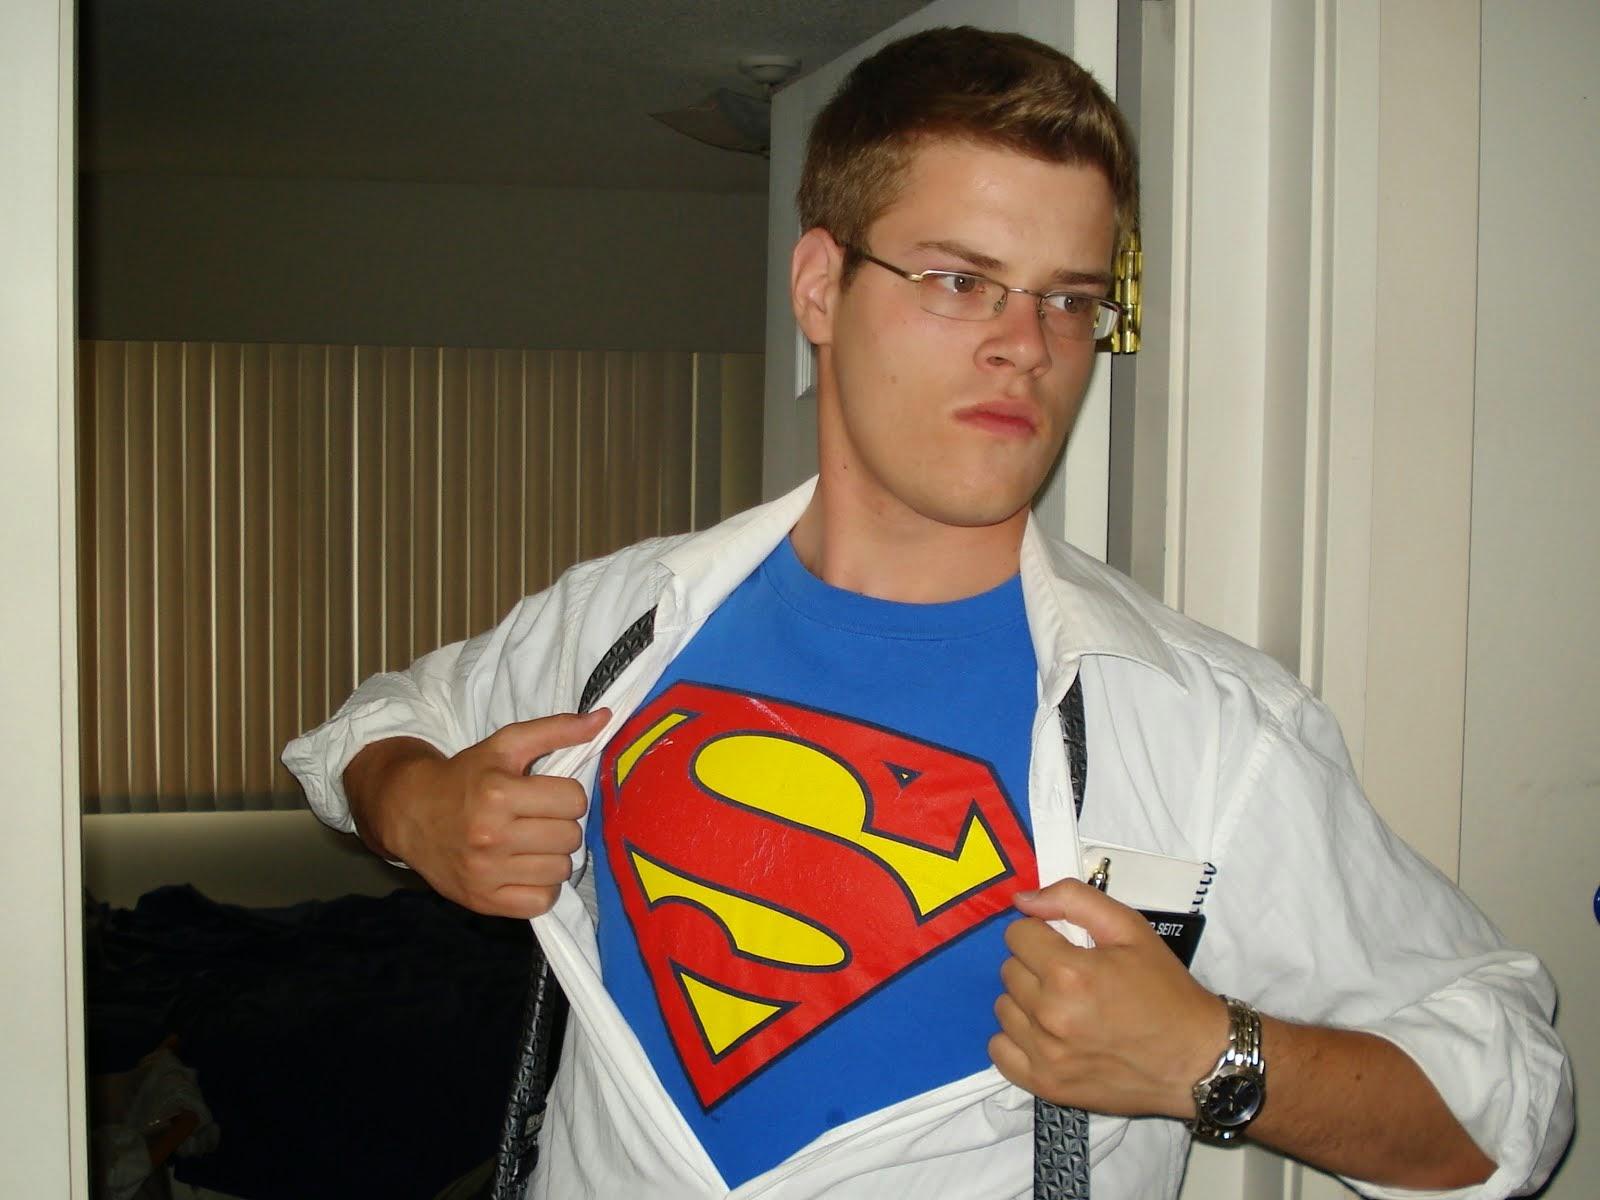 Yes! I am Superman!